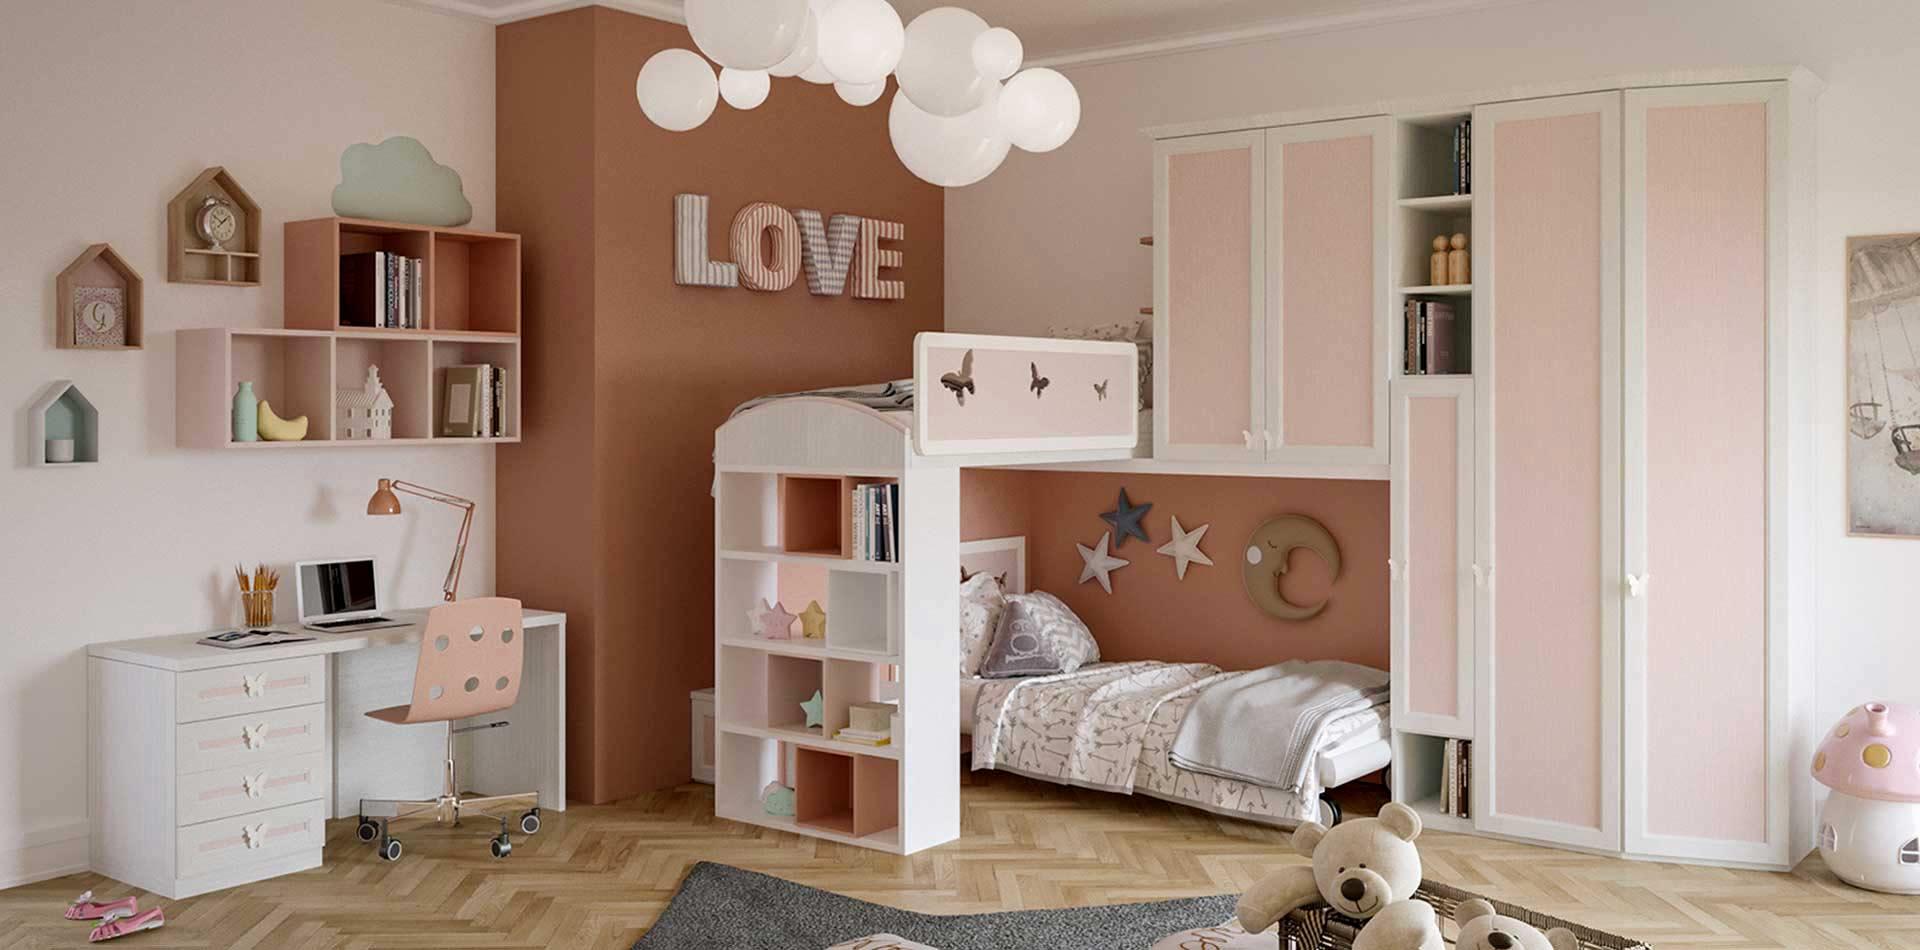 Cameretta per bambine con soppalco colore bianco e rosa